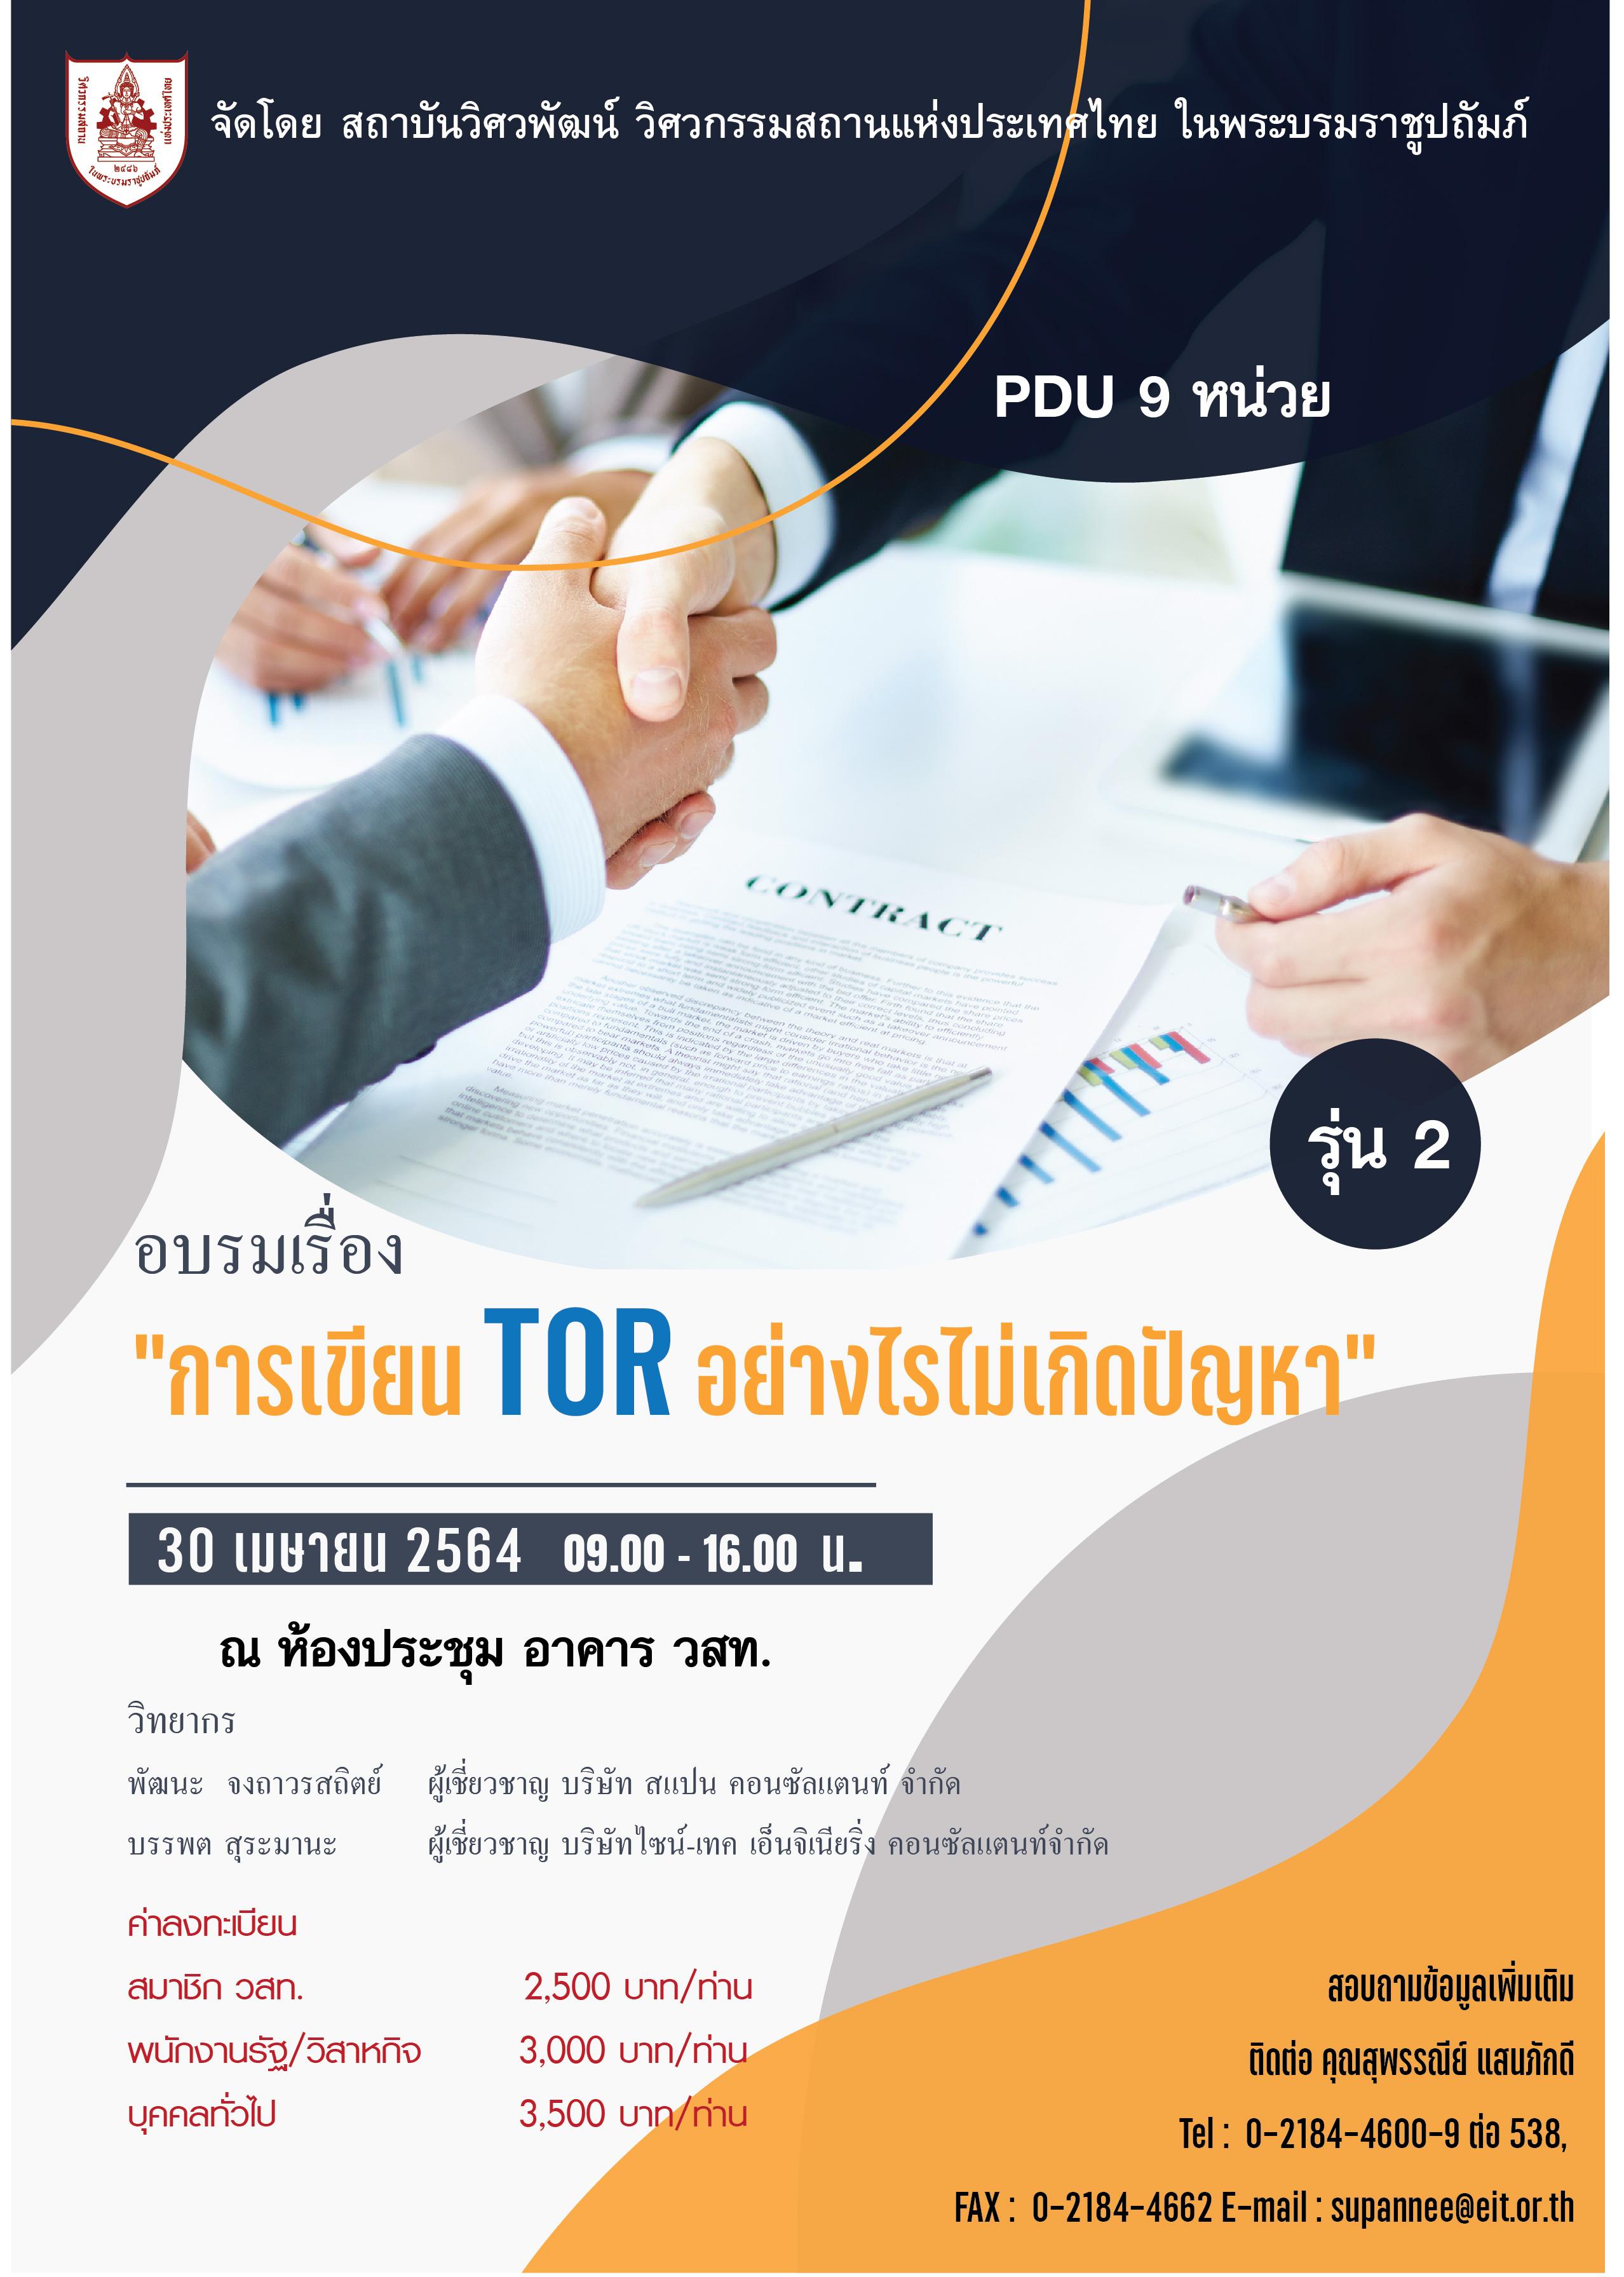 """9/07/2564 การอบรมเรื่อง  """"การเขียน TOR อย่างไรไม่เกิดปัญหา"""" รุ่นที่ 2"""